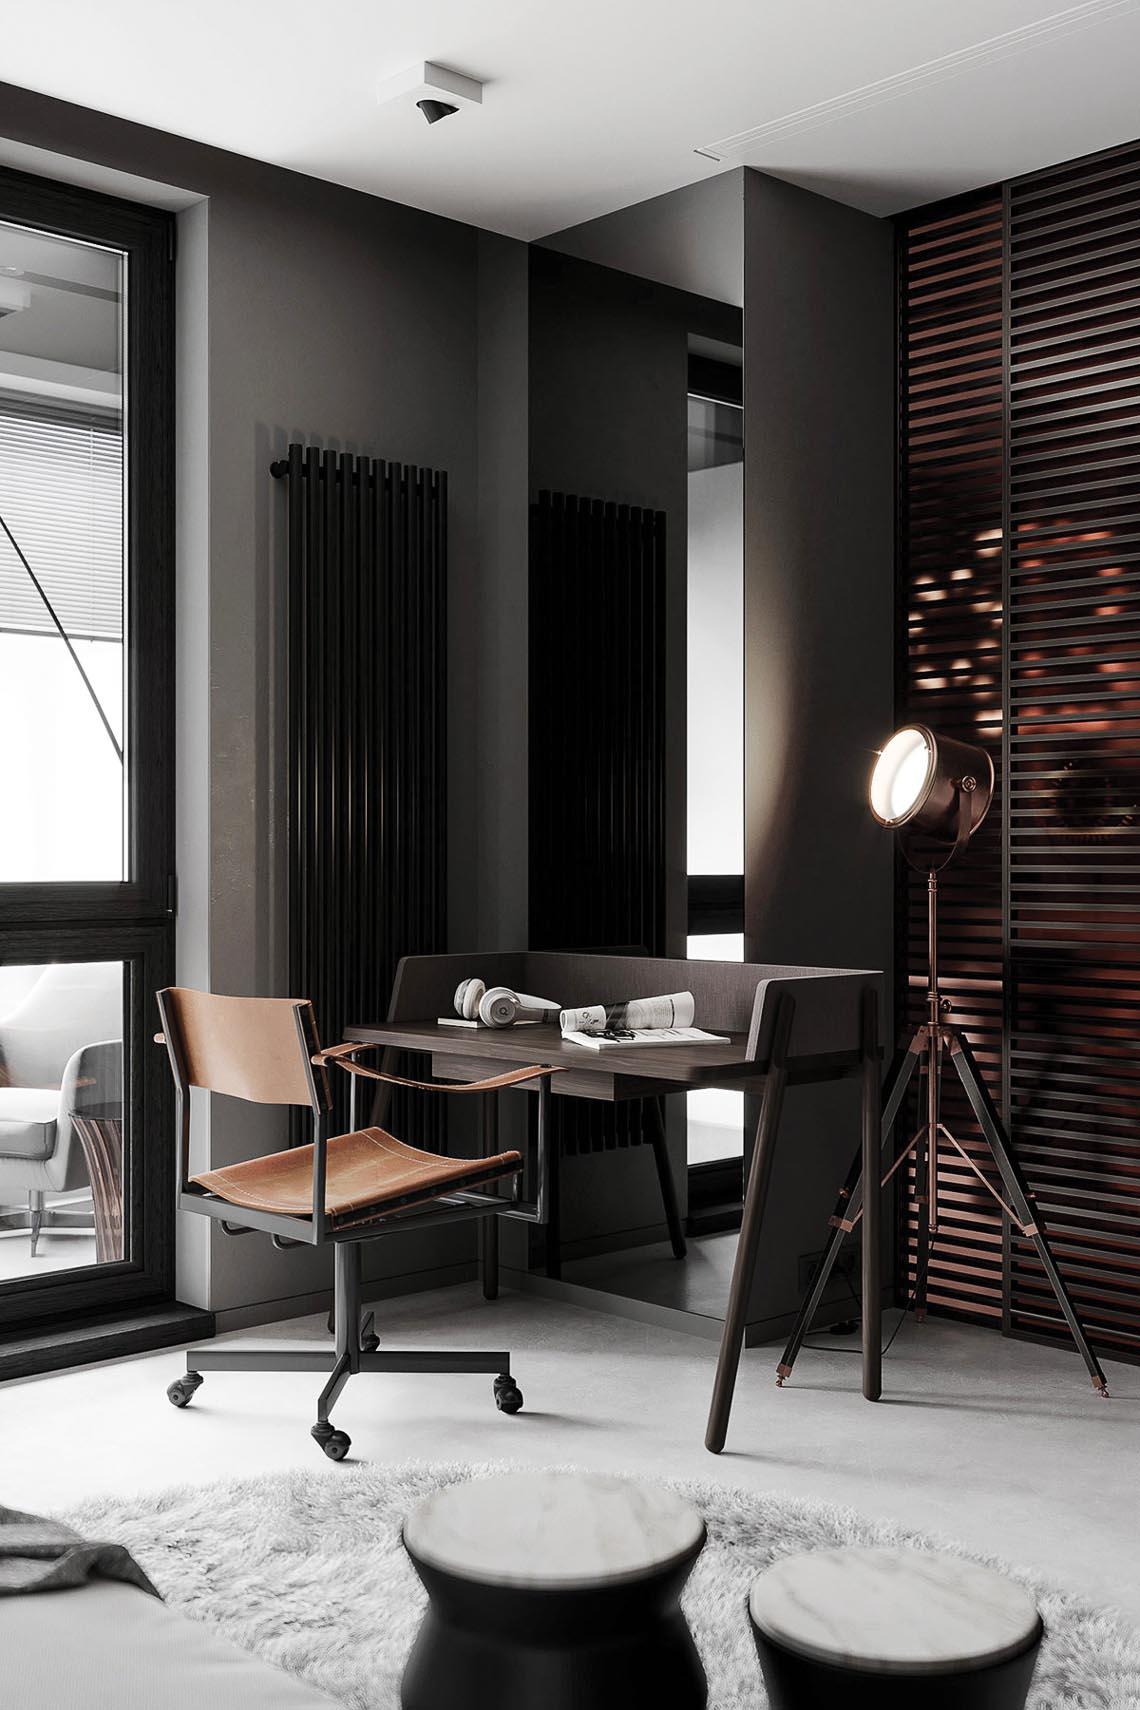 Thiết kế nội thất hiện đại với tông màu đỏ và xám theo phong cách Nhật Bản-26